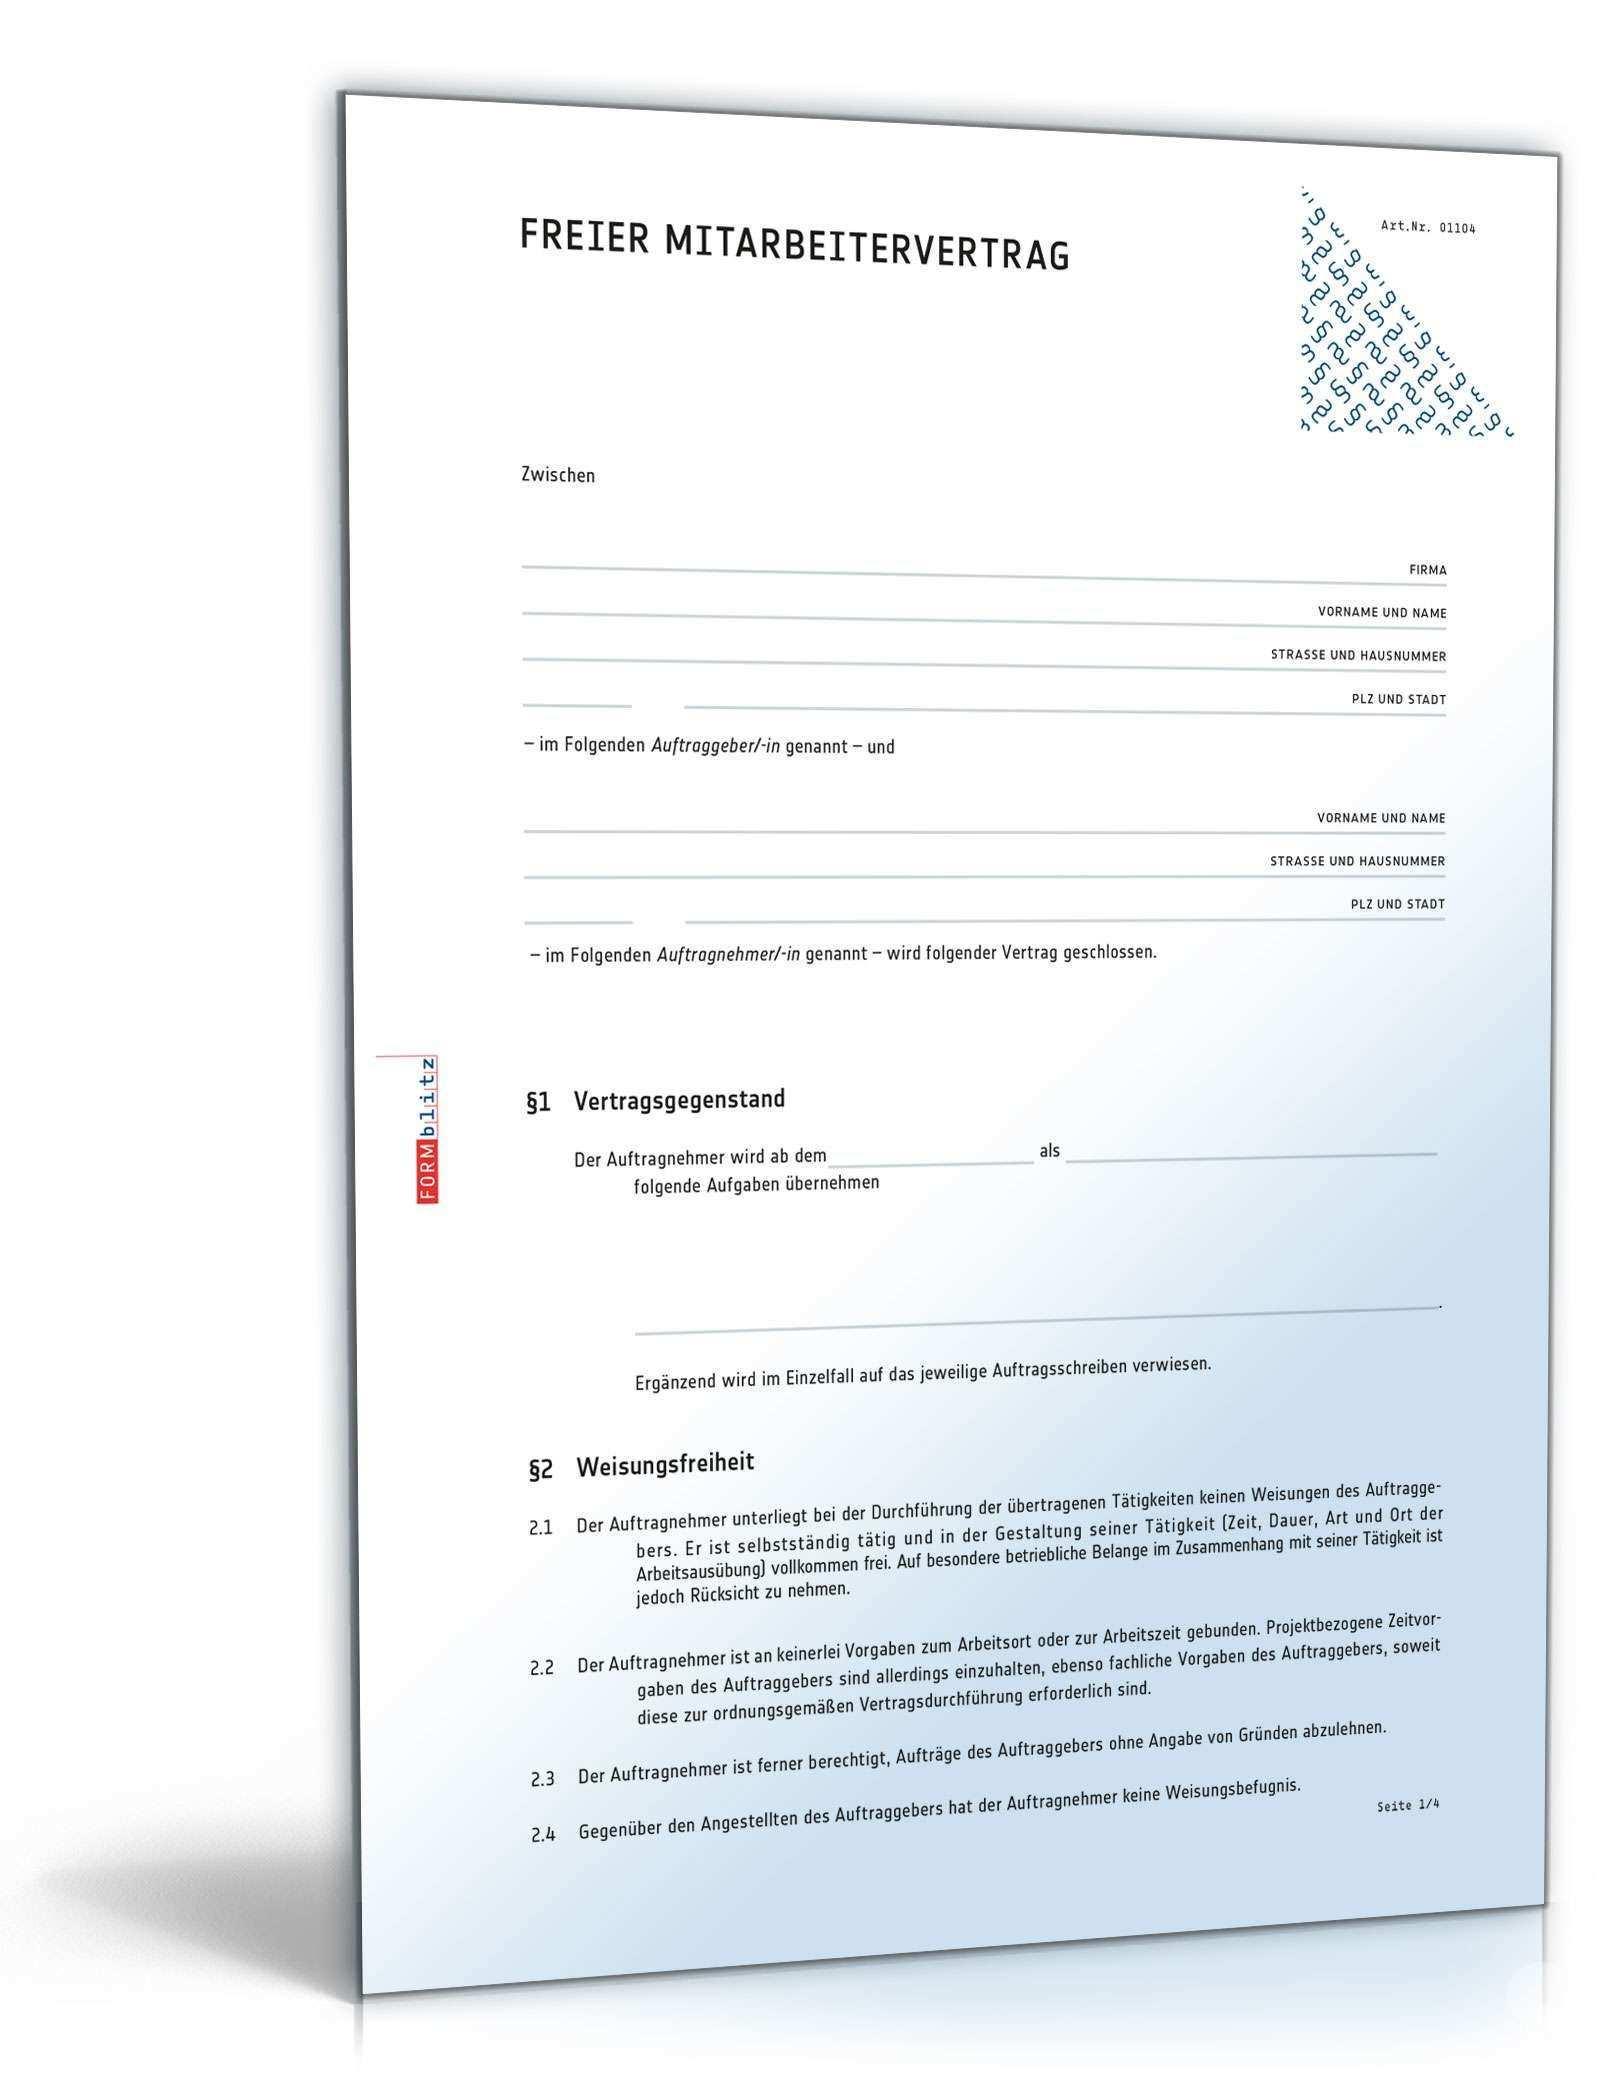 Freier Mitarbeiter Vertrag Vorlage Sofort Zum Download Muster Als Word Und Pdf Herunterladen Und Freie Mitarbeit Rechts Rechnung Vorlage Vorlagen Kaufvertrag